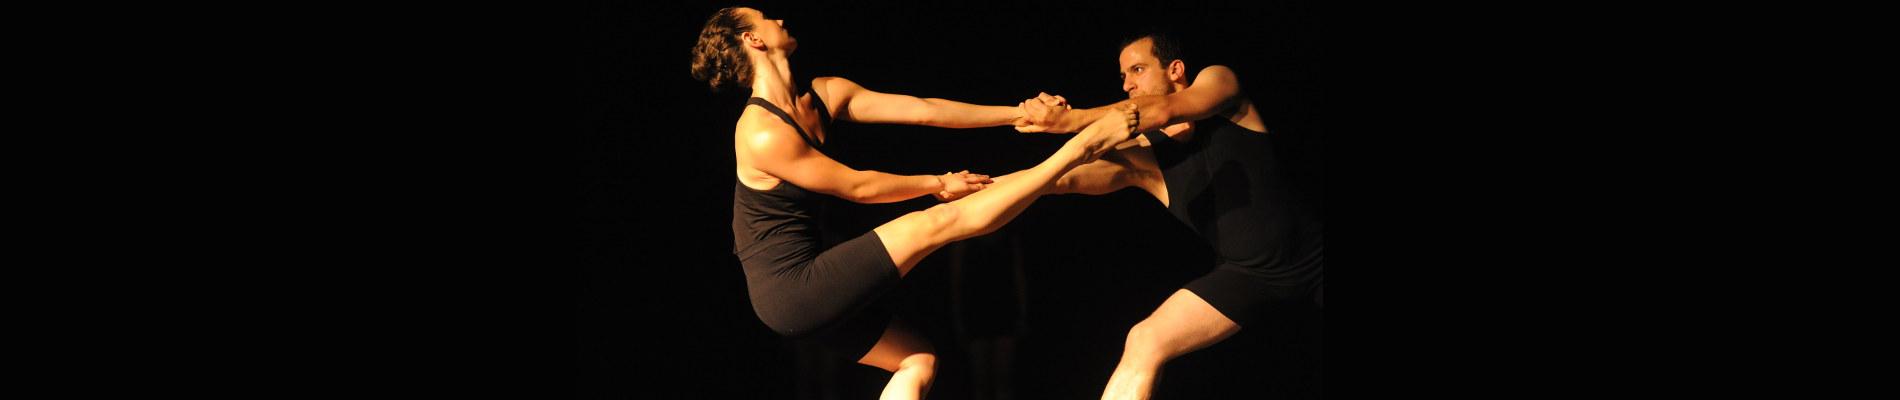 אנסמבל רקדני האקדמיה